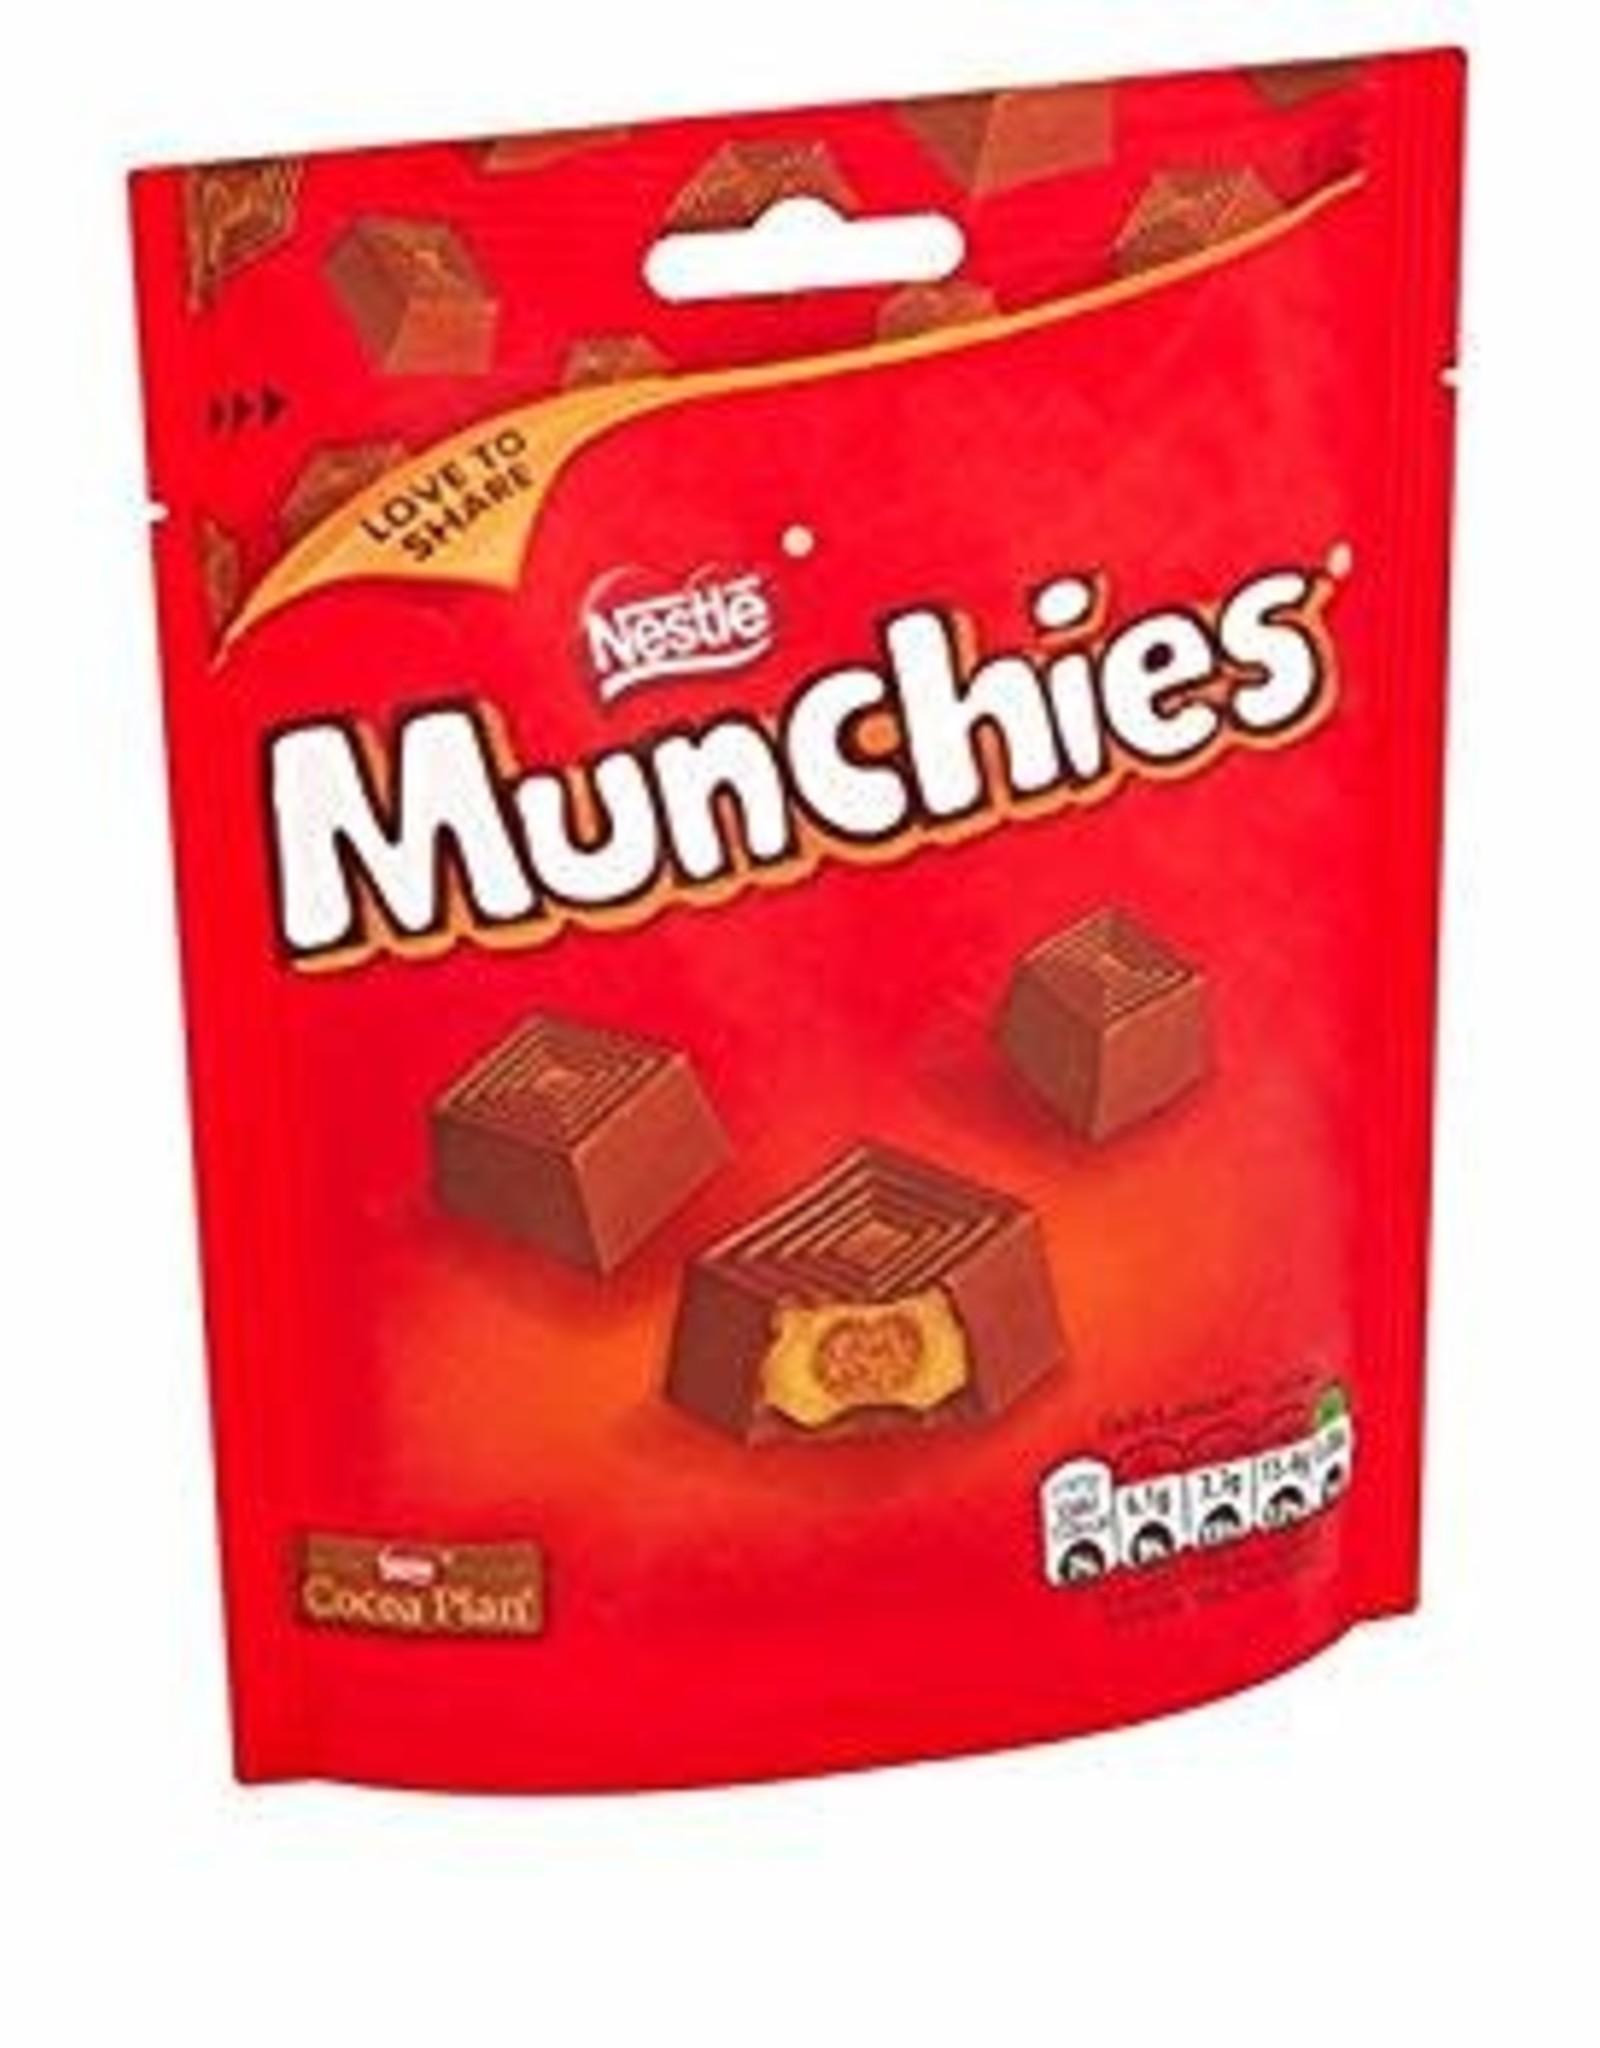 Nestlé Nestlé Munchies 104g